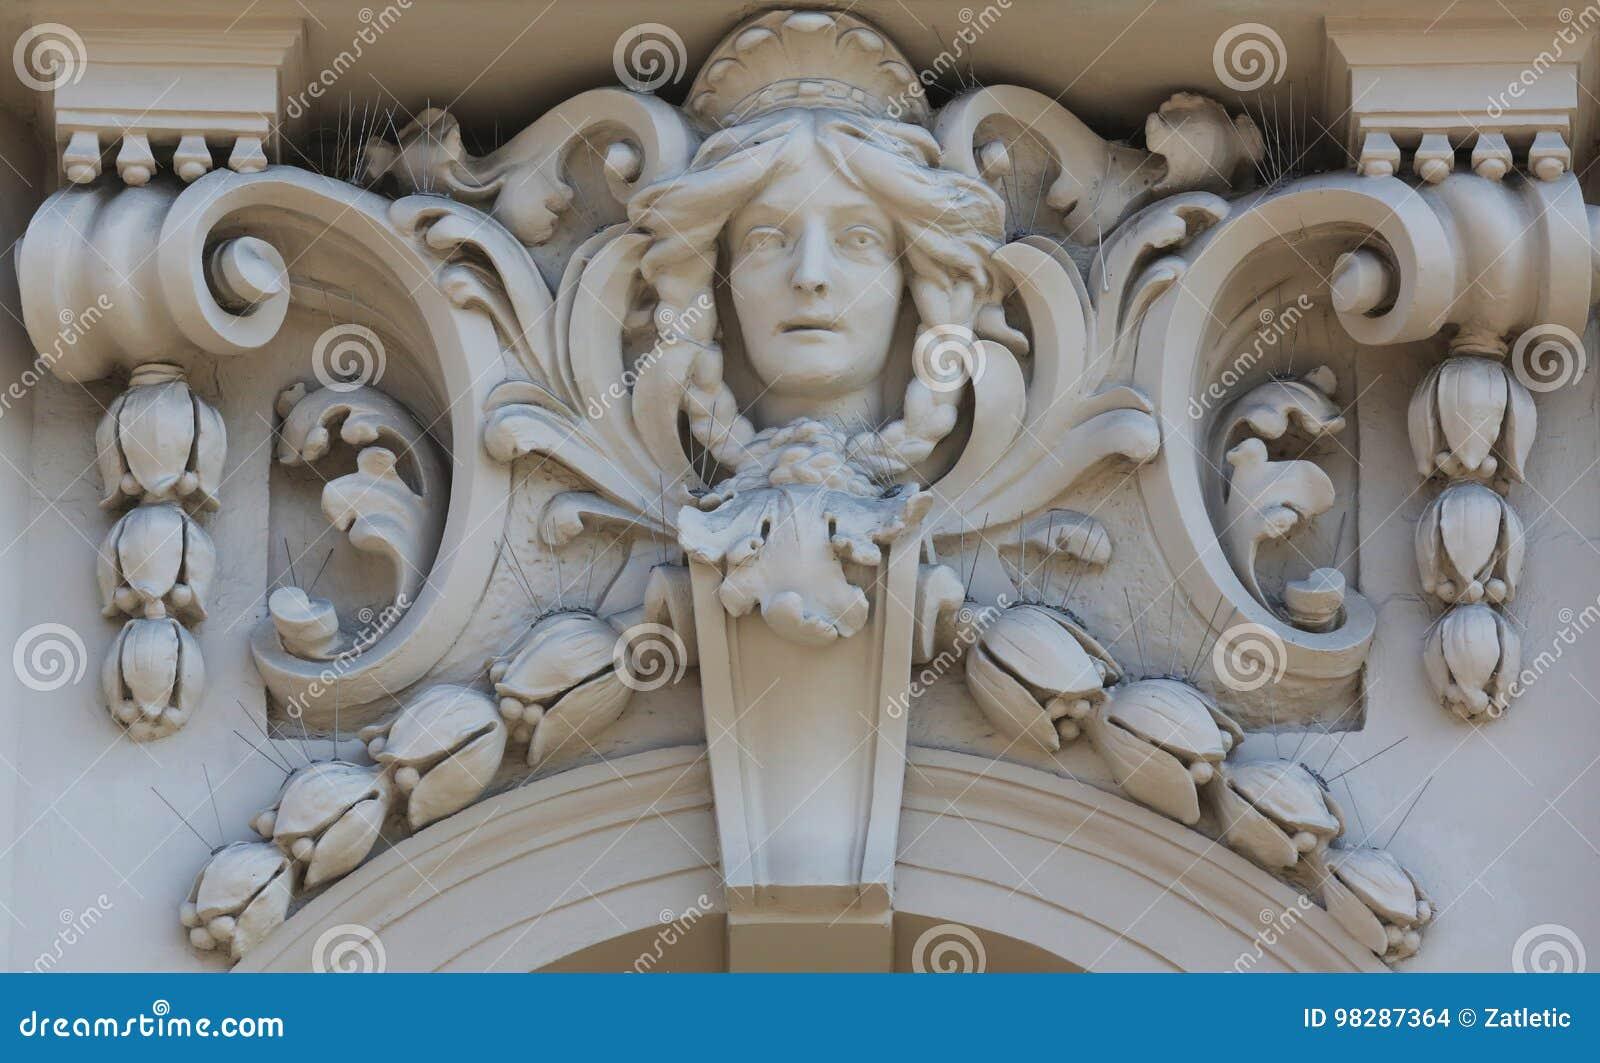 Arkitektonisk detalj på fasaden av en gammal byggnad, Zagreb, Kroatien